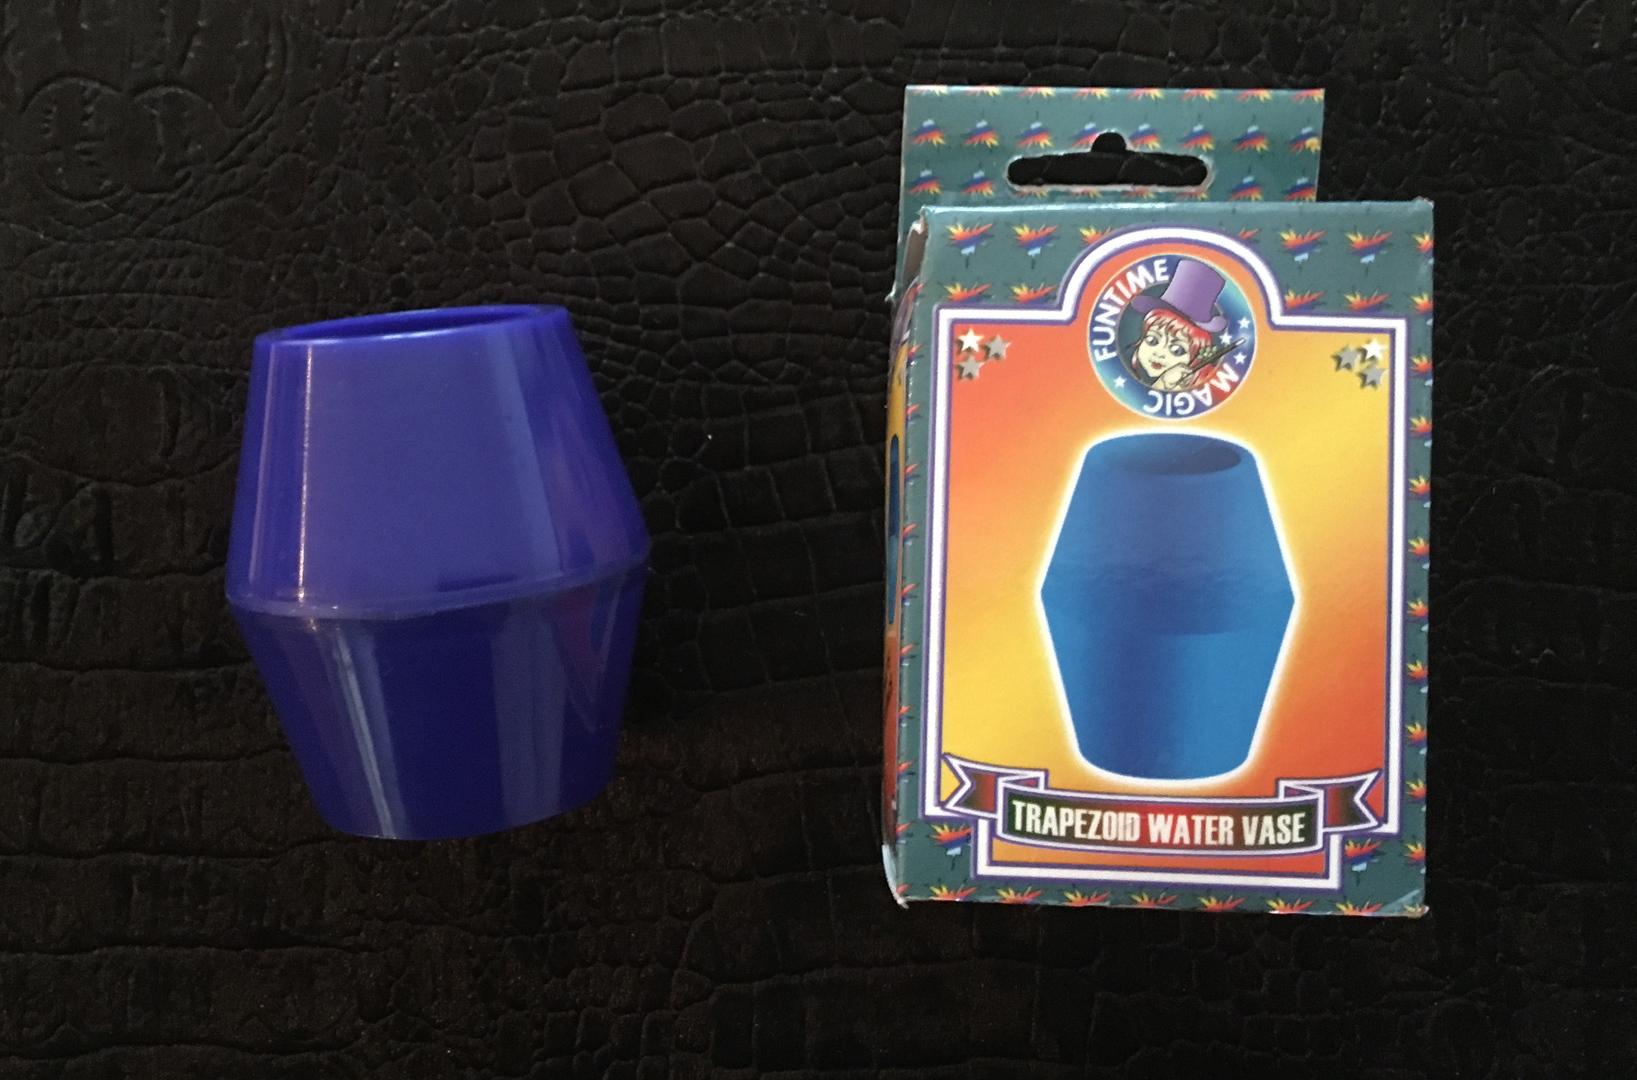 Trapezoid Water Vase